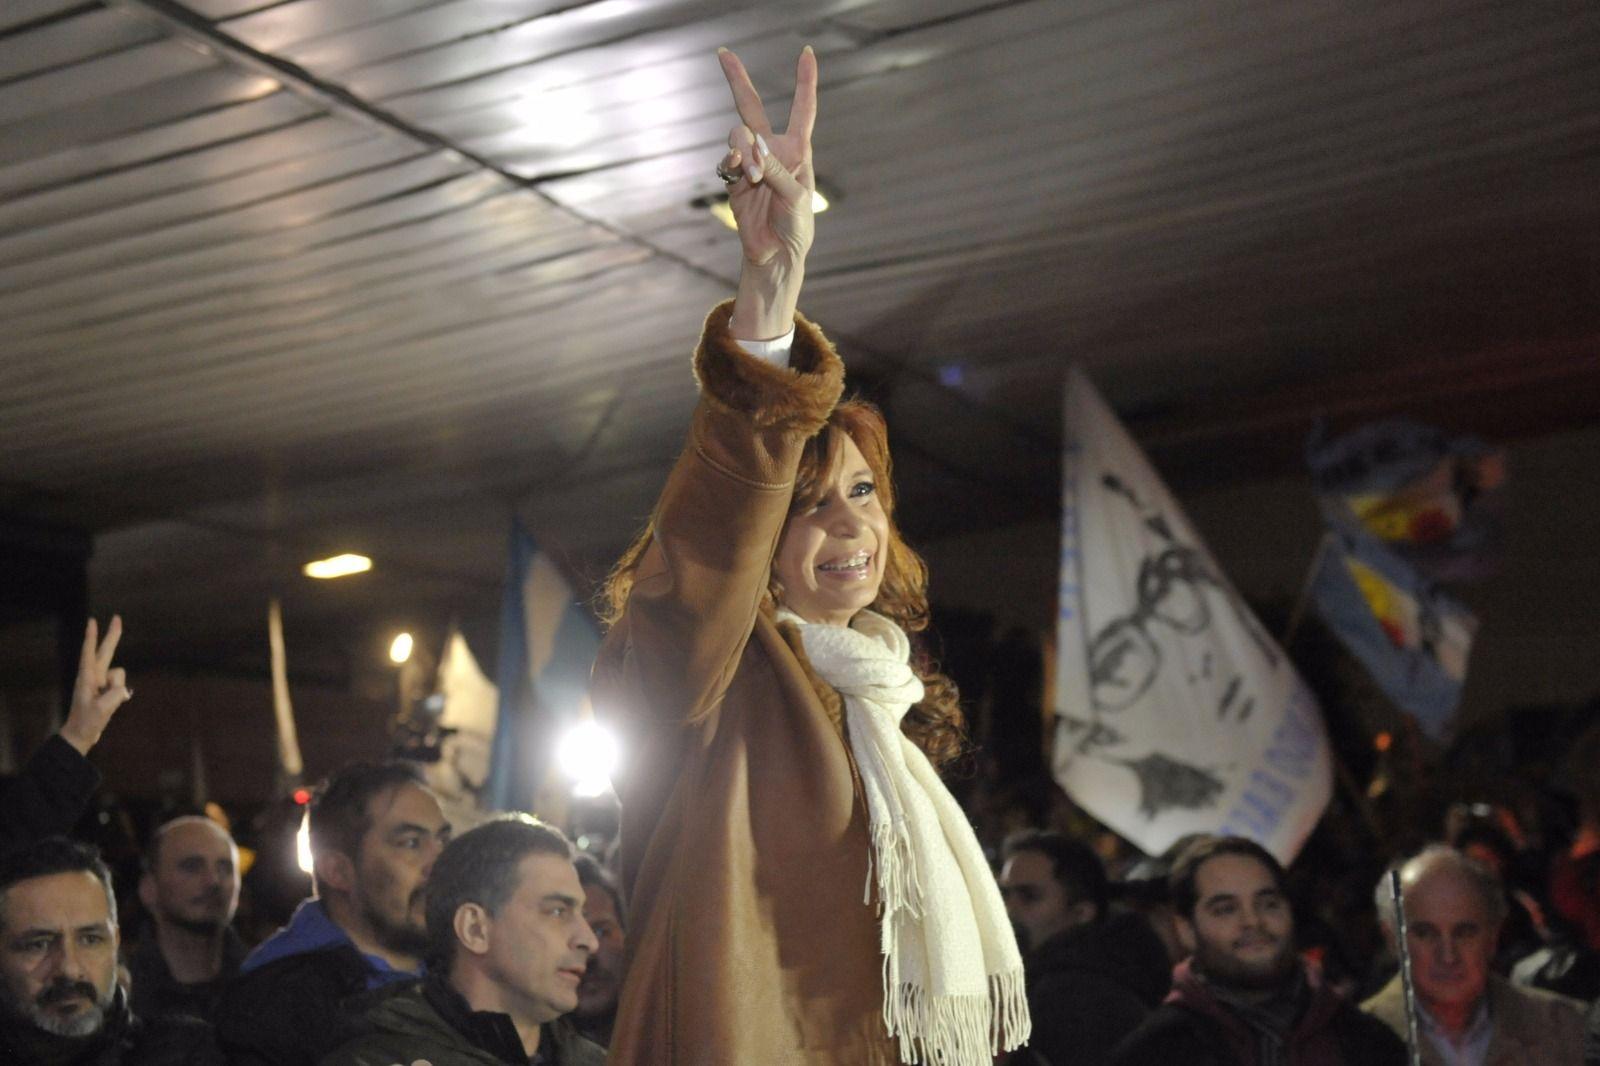 La clase política se mira el ombligo, disparó CFK